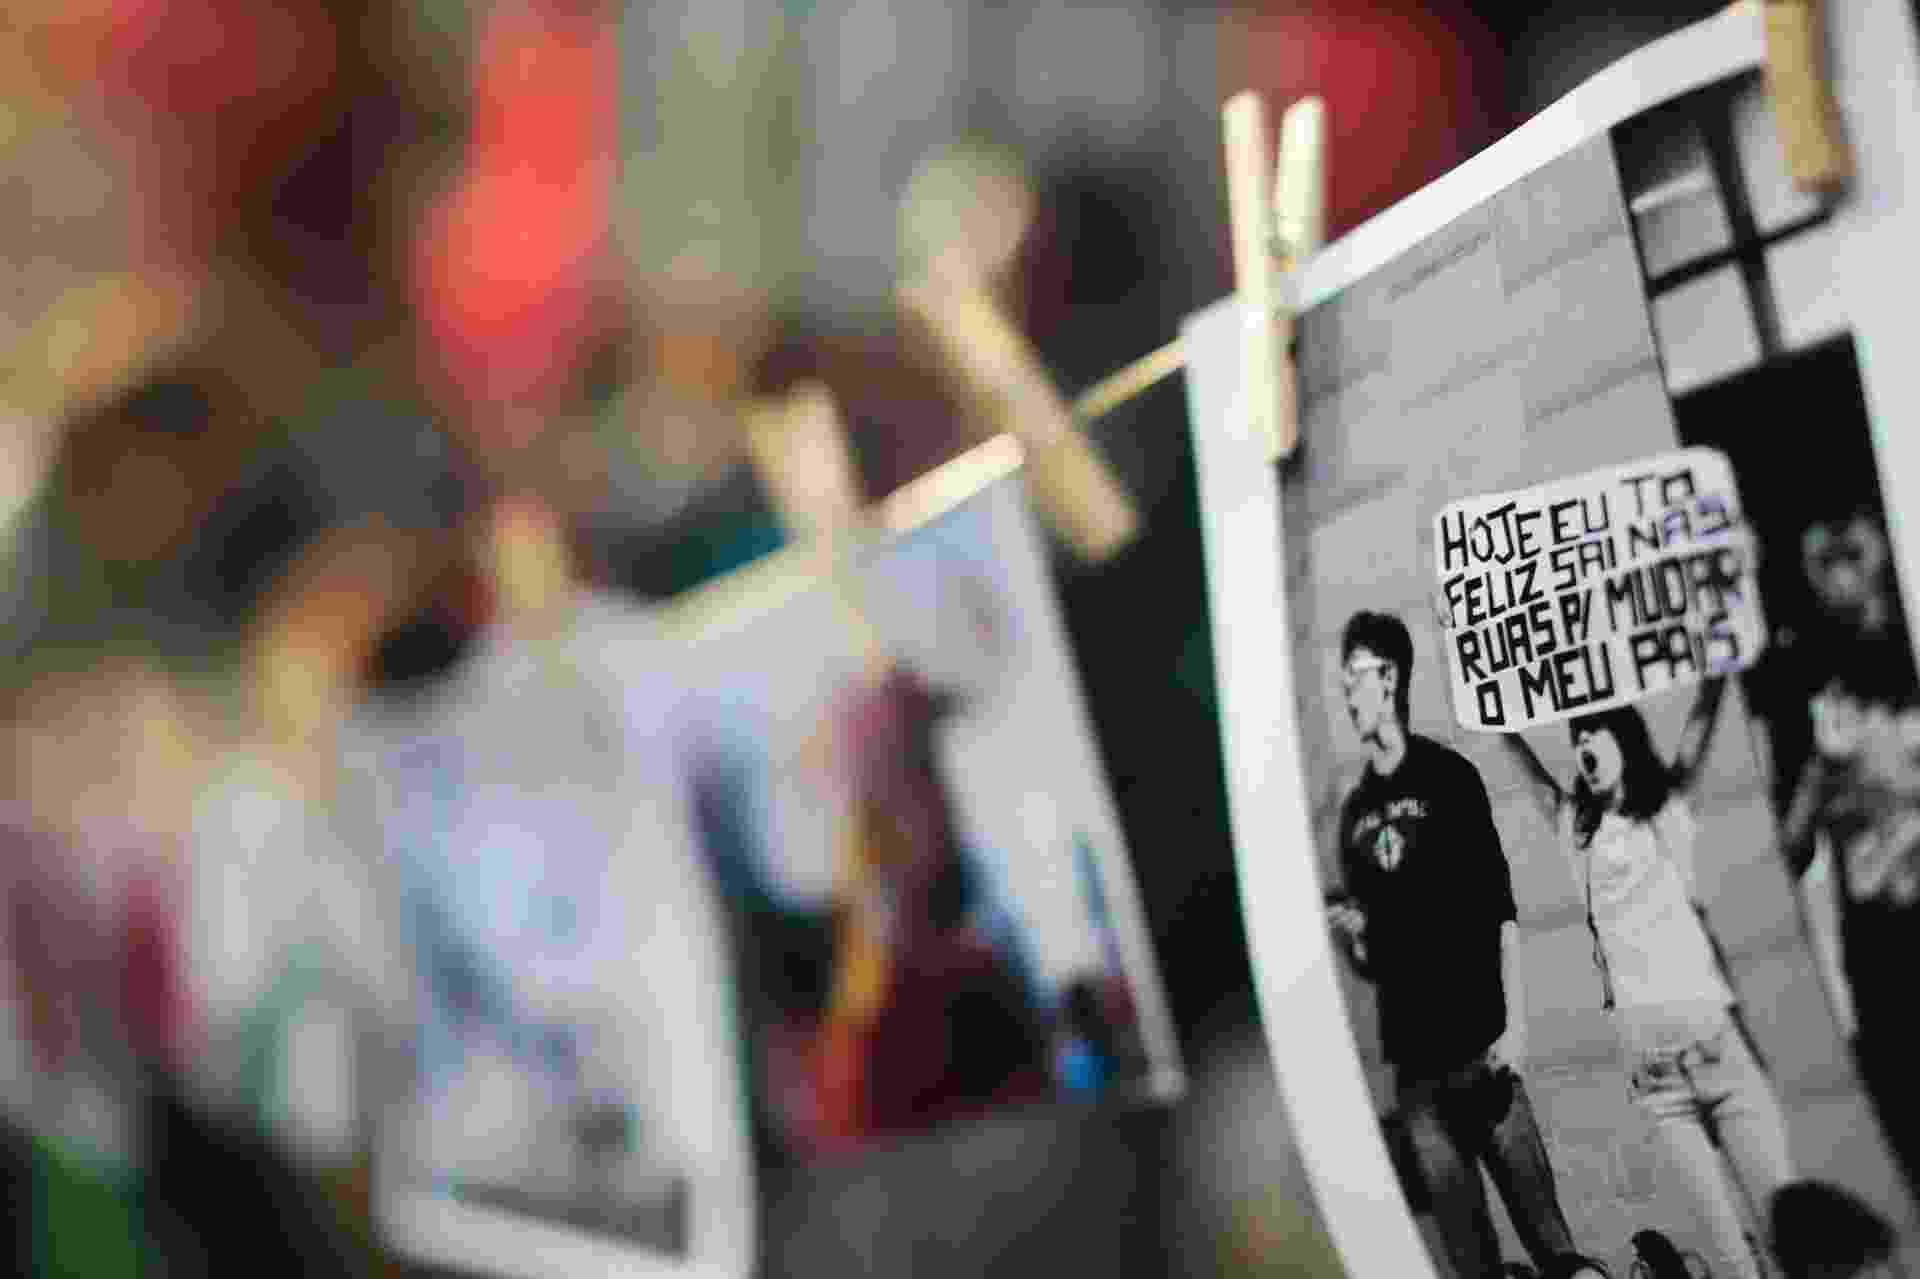 10.jun.2016 - Fotógrafos fizeram um ato no vão livre do Masp, na avenida Paulista, região central de São Paulo, contra o governo do presidente interino Michel Temer. Eles venderam cópias de fotos pelo preço de uma passagem em transporte público na capital paulista, R$ 3,80 e o valor custeou gastos com ampliação de fotos, entre outras questões - Flávio Florido/UOL